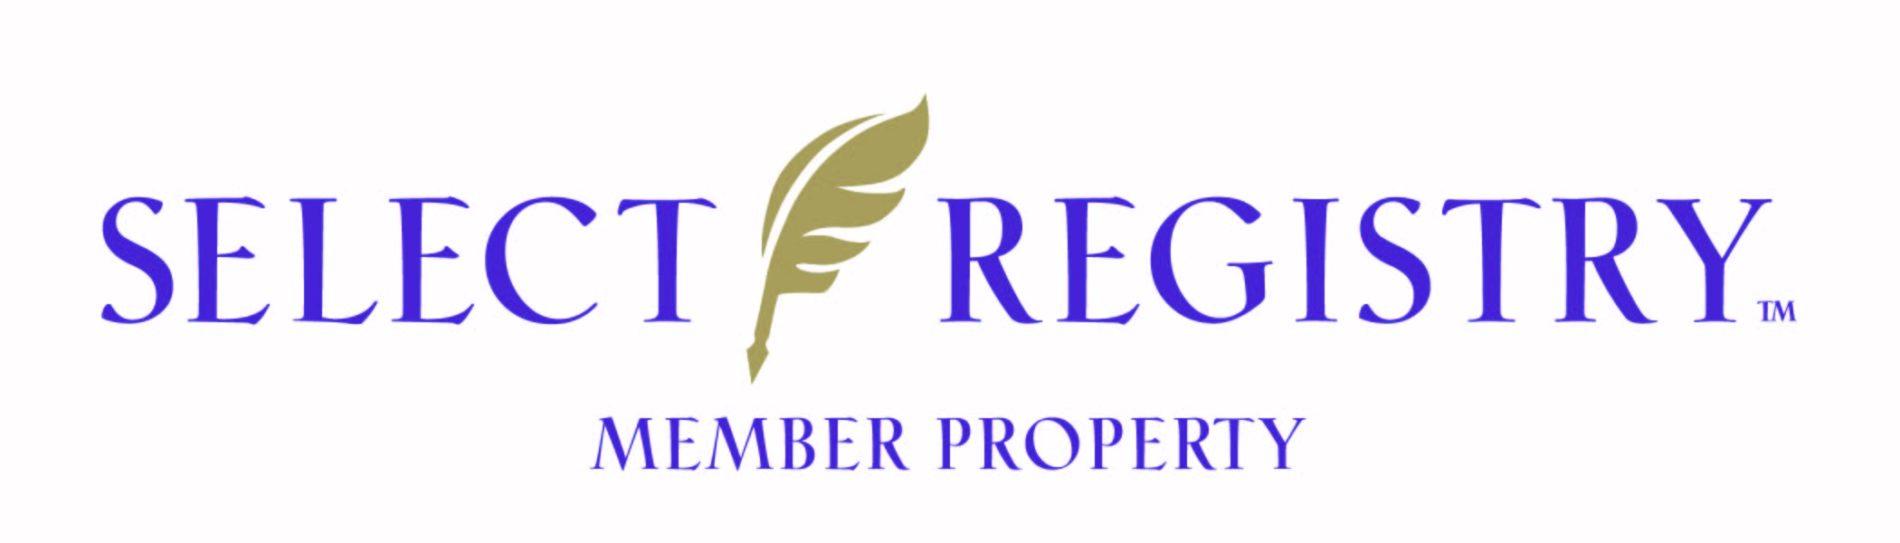 Select registry member property logo